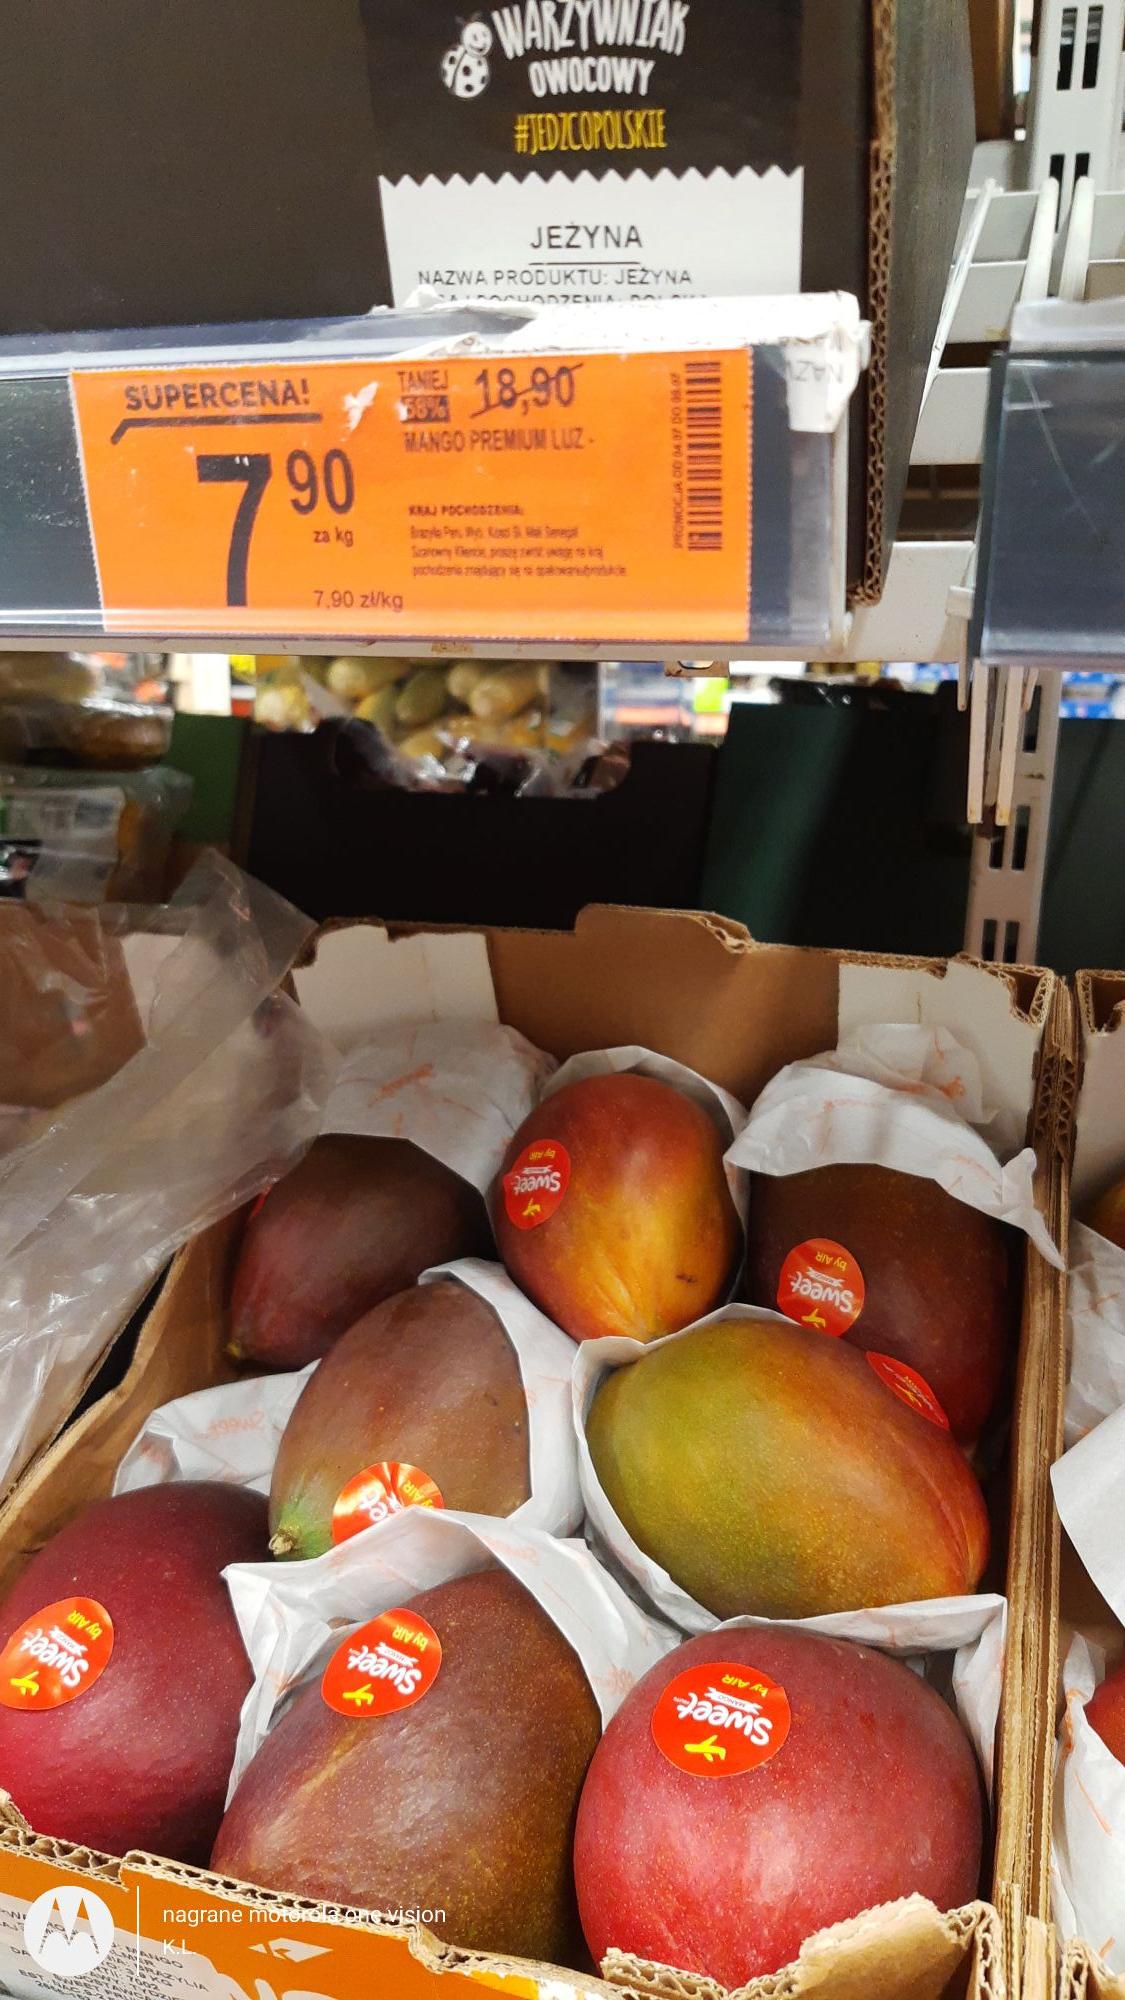 Mango 7,90zl/kg Biedronka